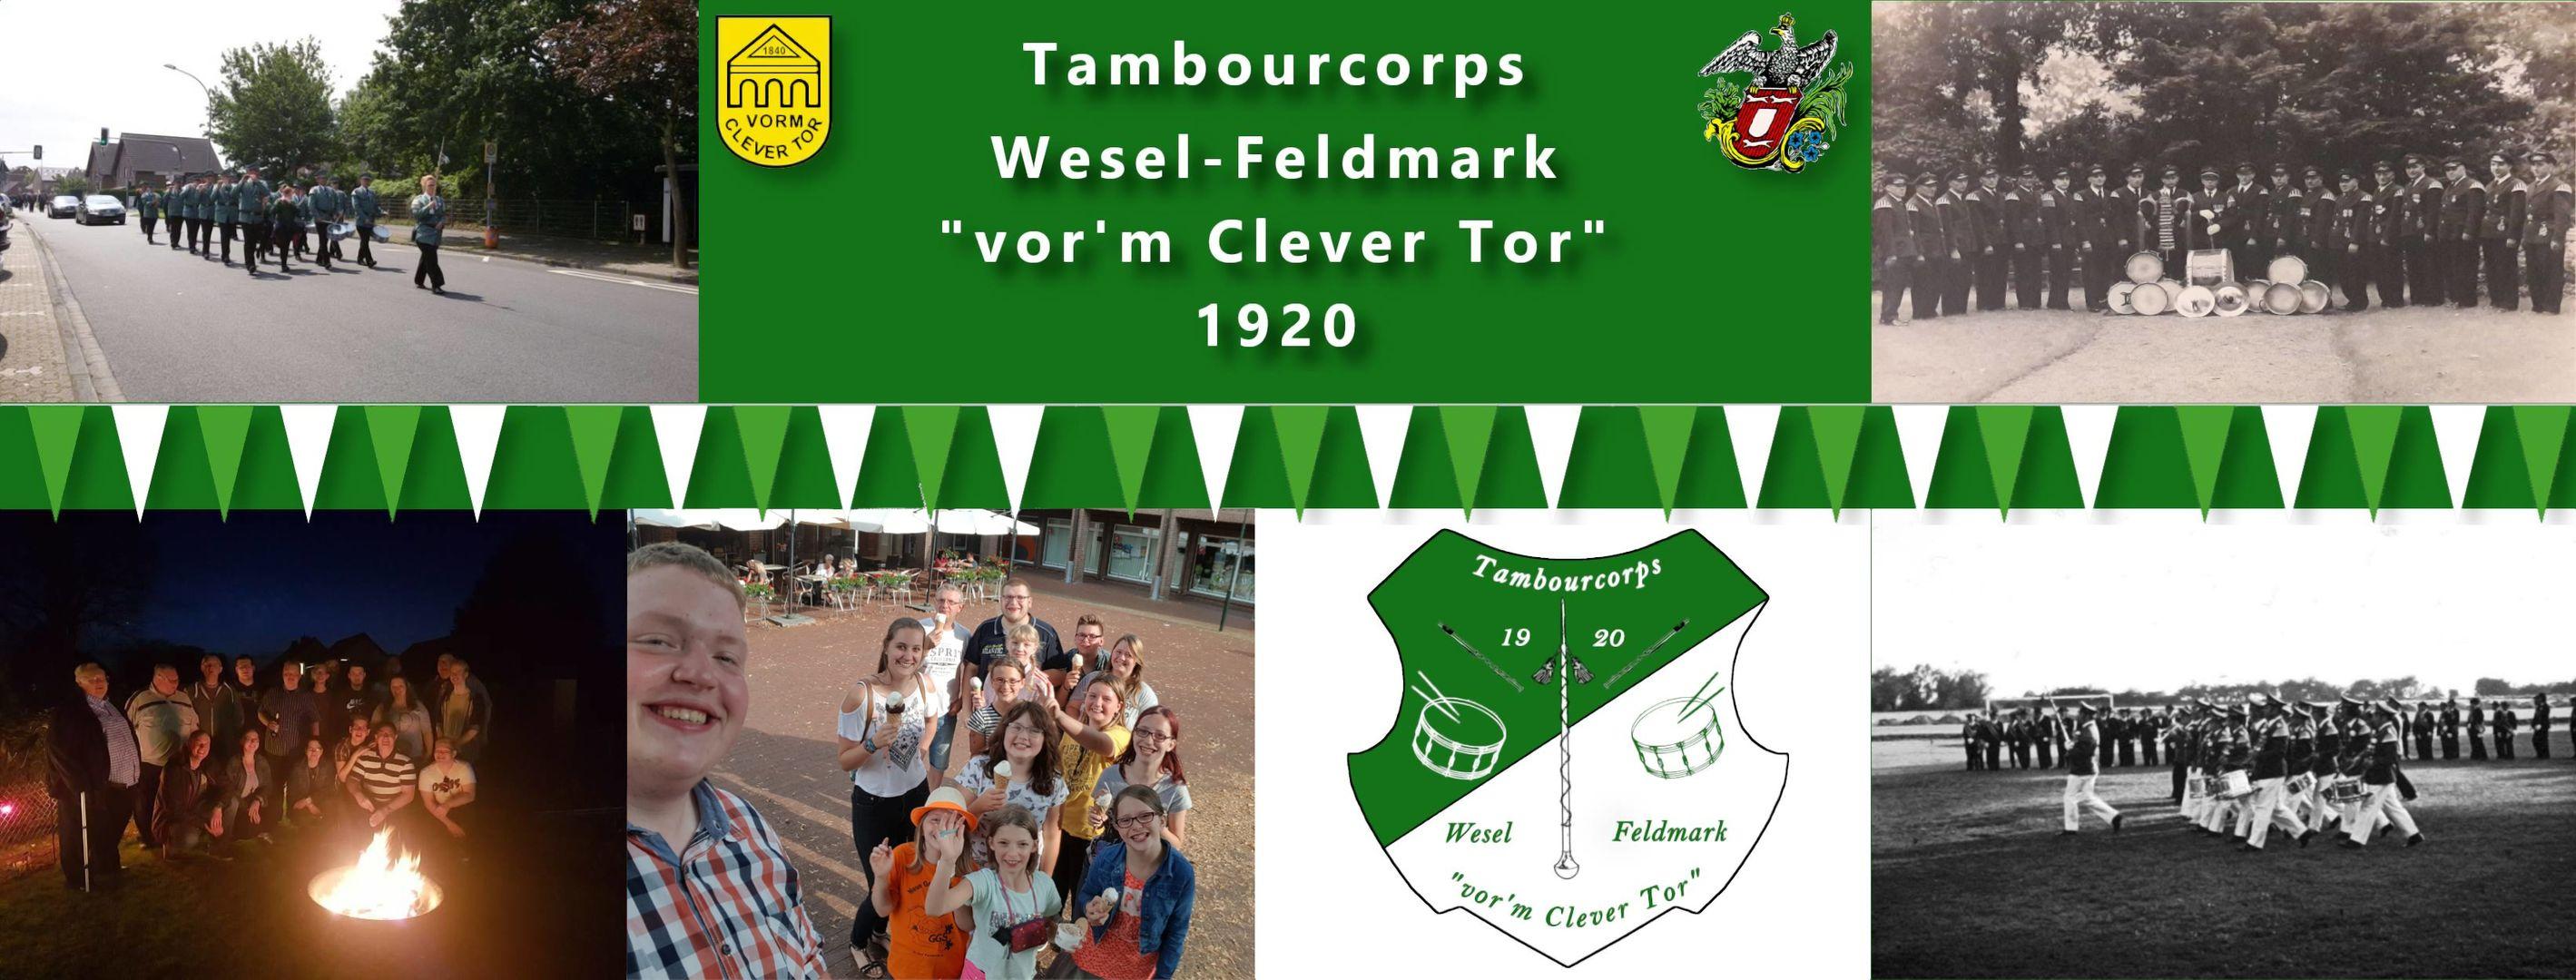 Einrichtung | Tambourcorps Wesel-Feldmark vor'm Clever Tor 1920